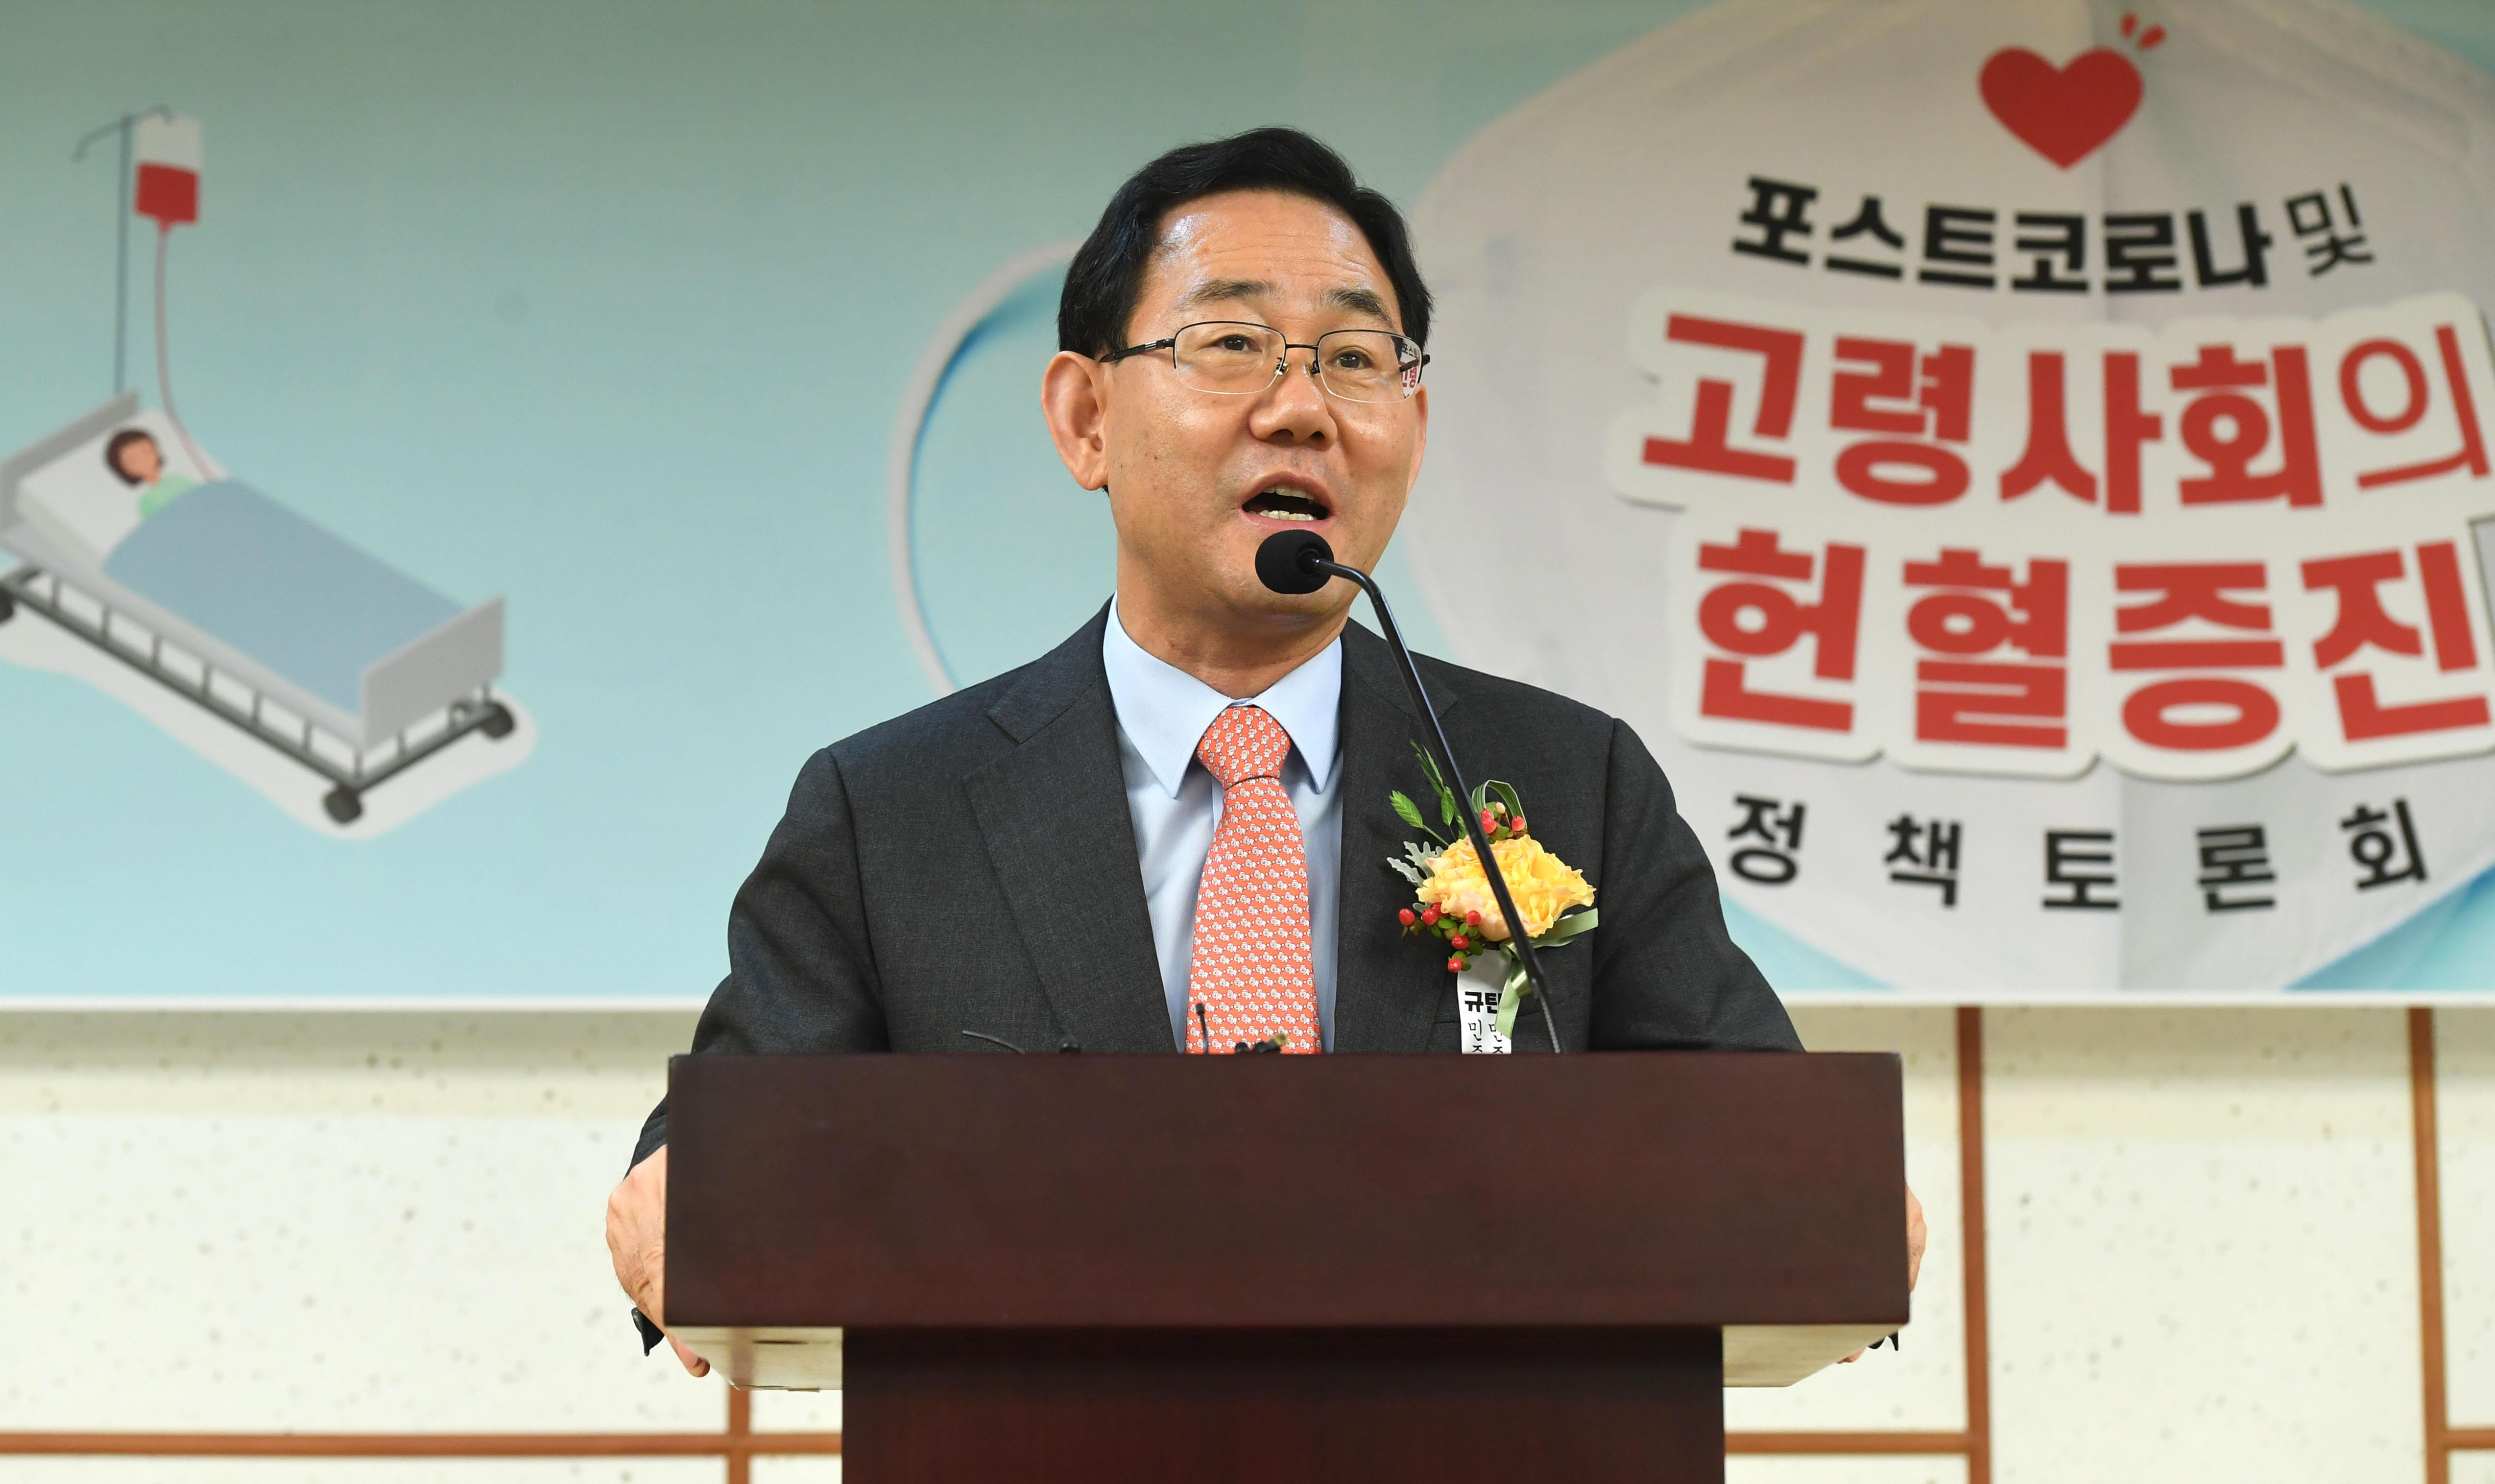 """주호영 """"코로나 극복을 위해 헌혈을 장려"""""""